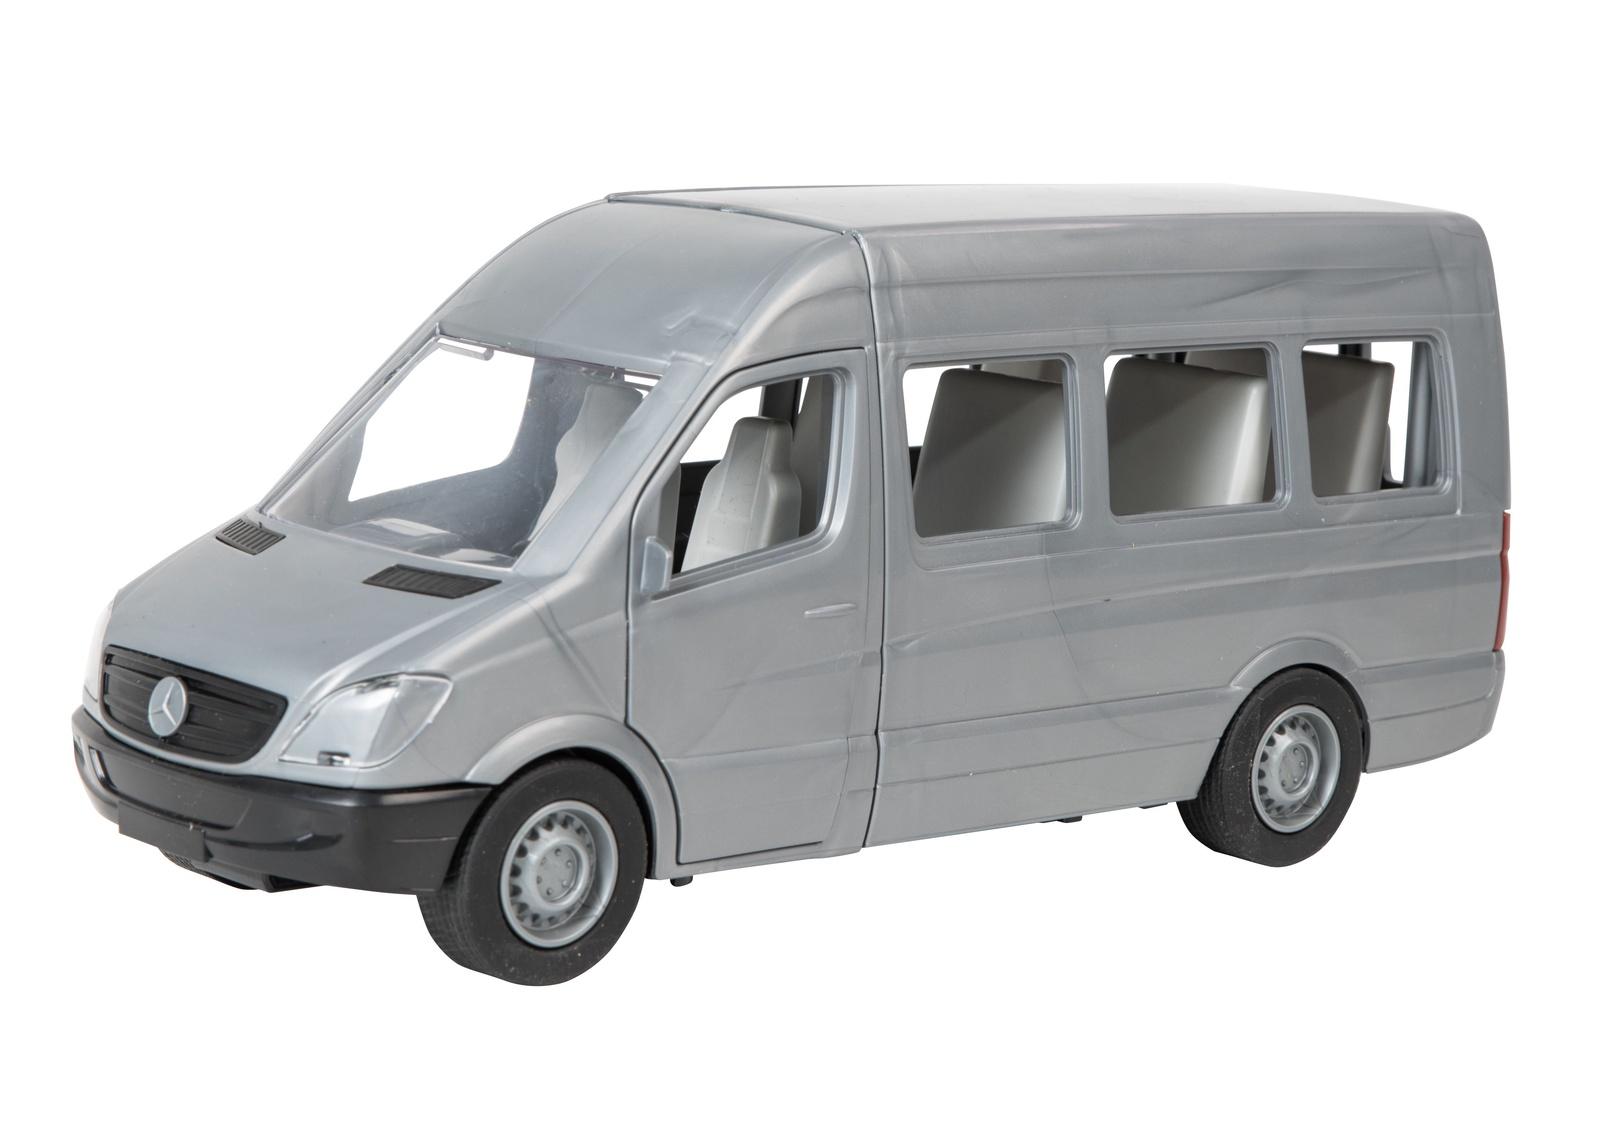 Машинка-игрушка Tigres Mercedes-Benz Sprinter пассажирский серый